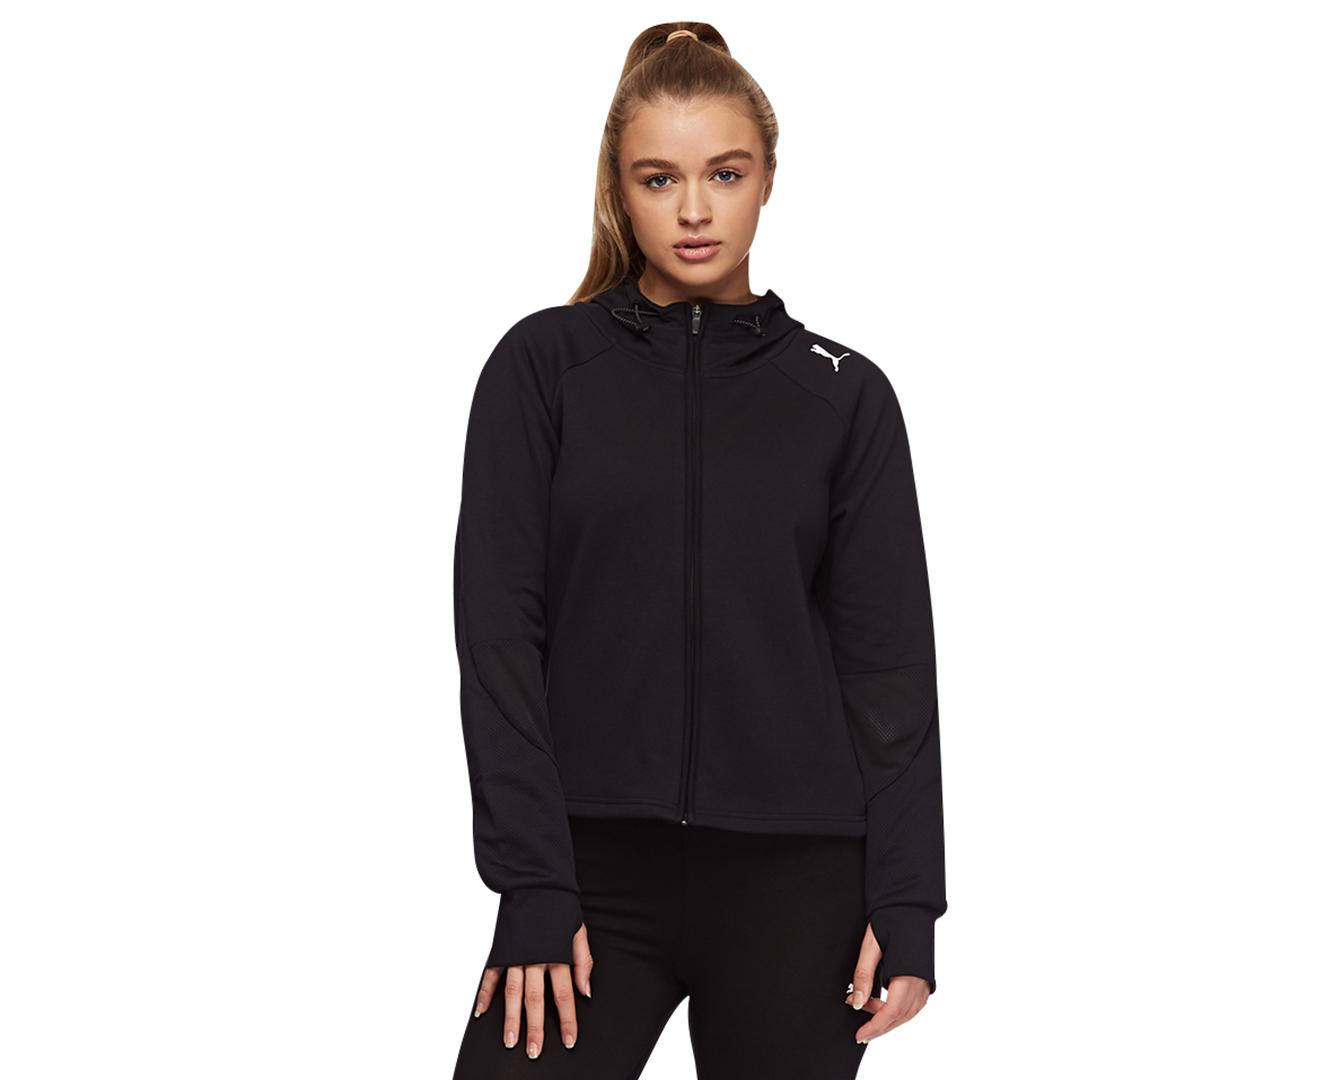 5da01e62a69a Puma Women s Evostripe Full Zip Jacket - Puma Black